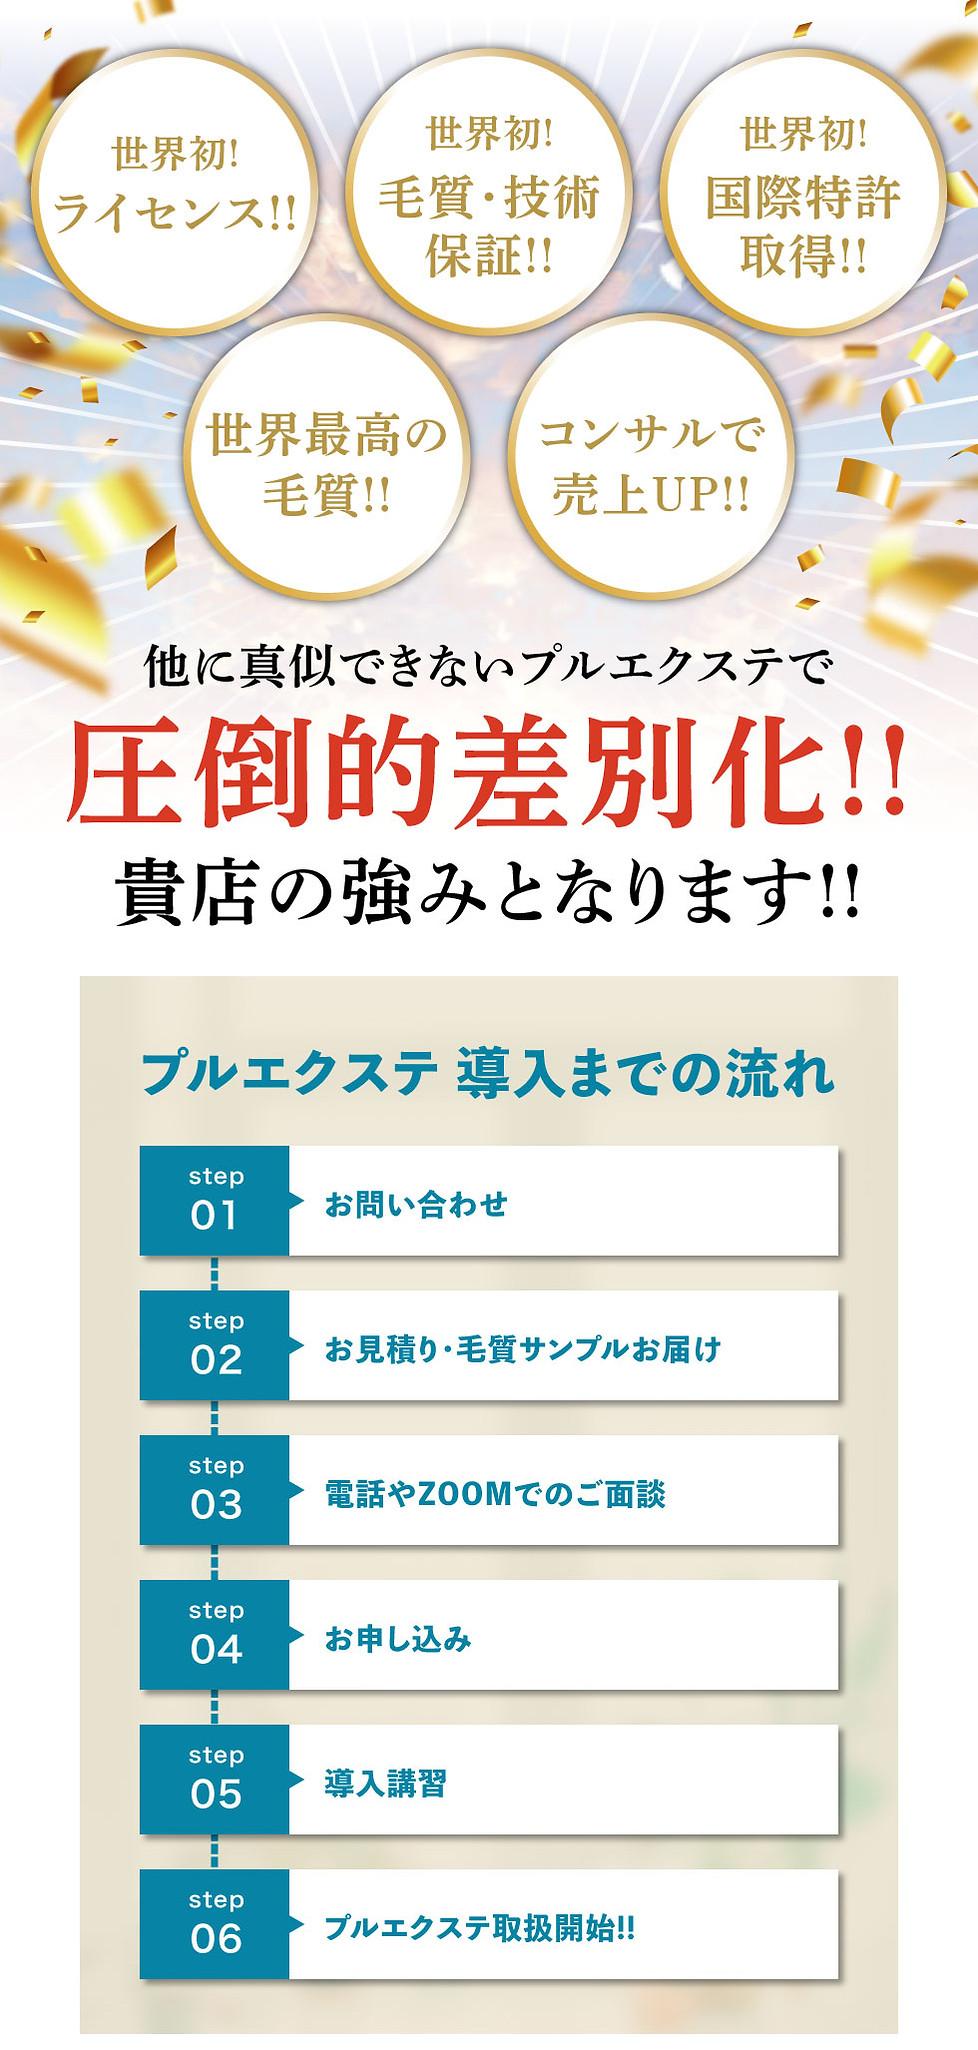 2005_事例広告LP_10.jpg